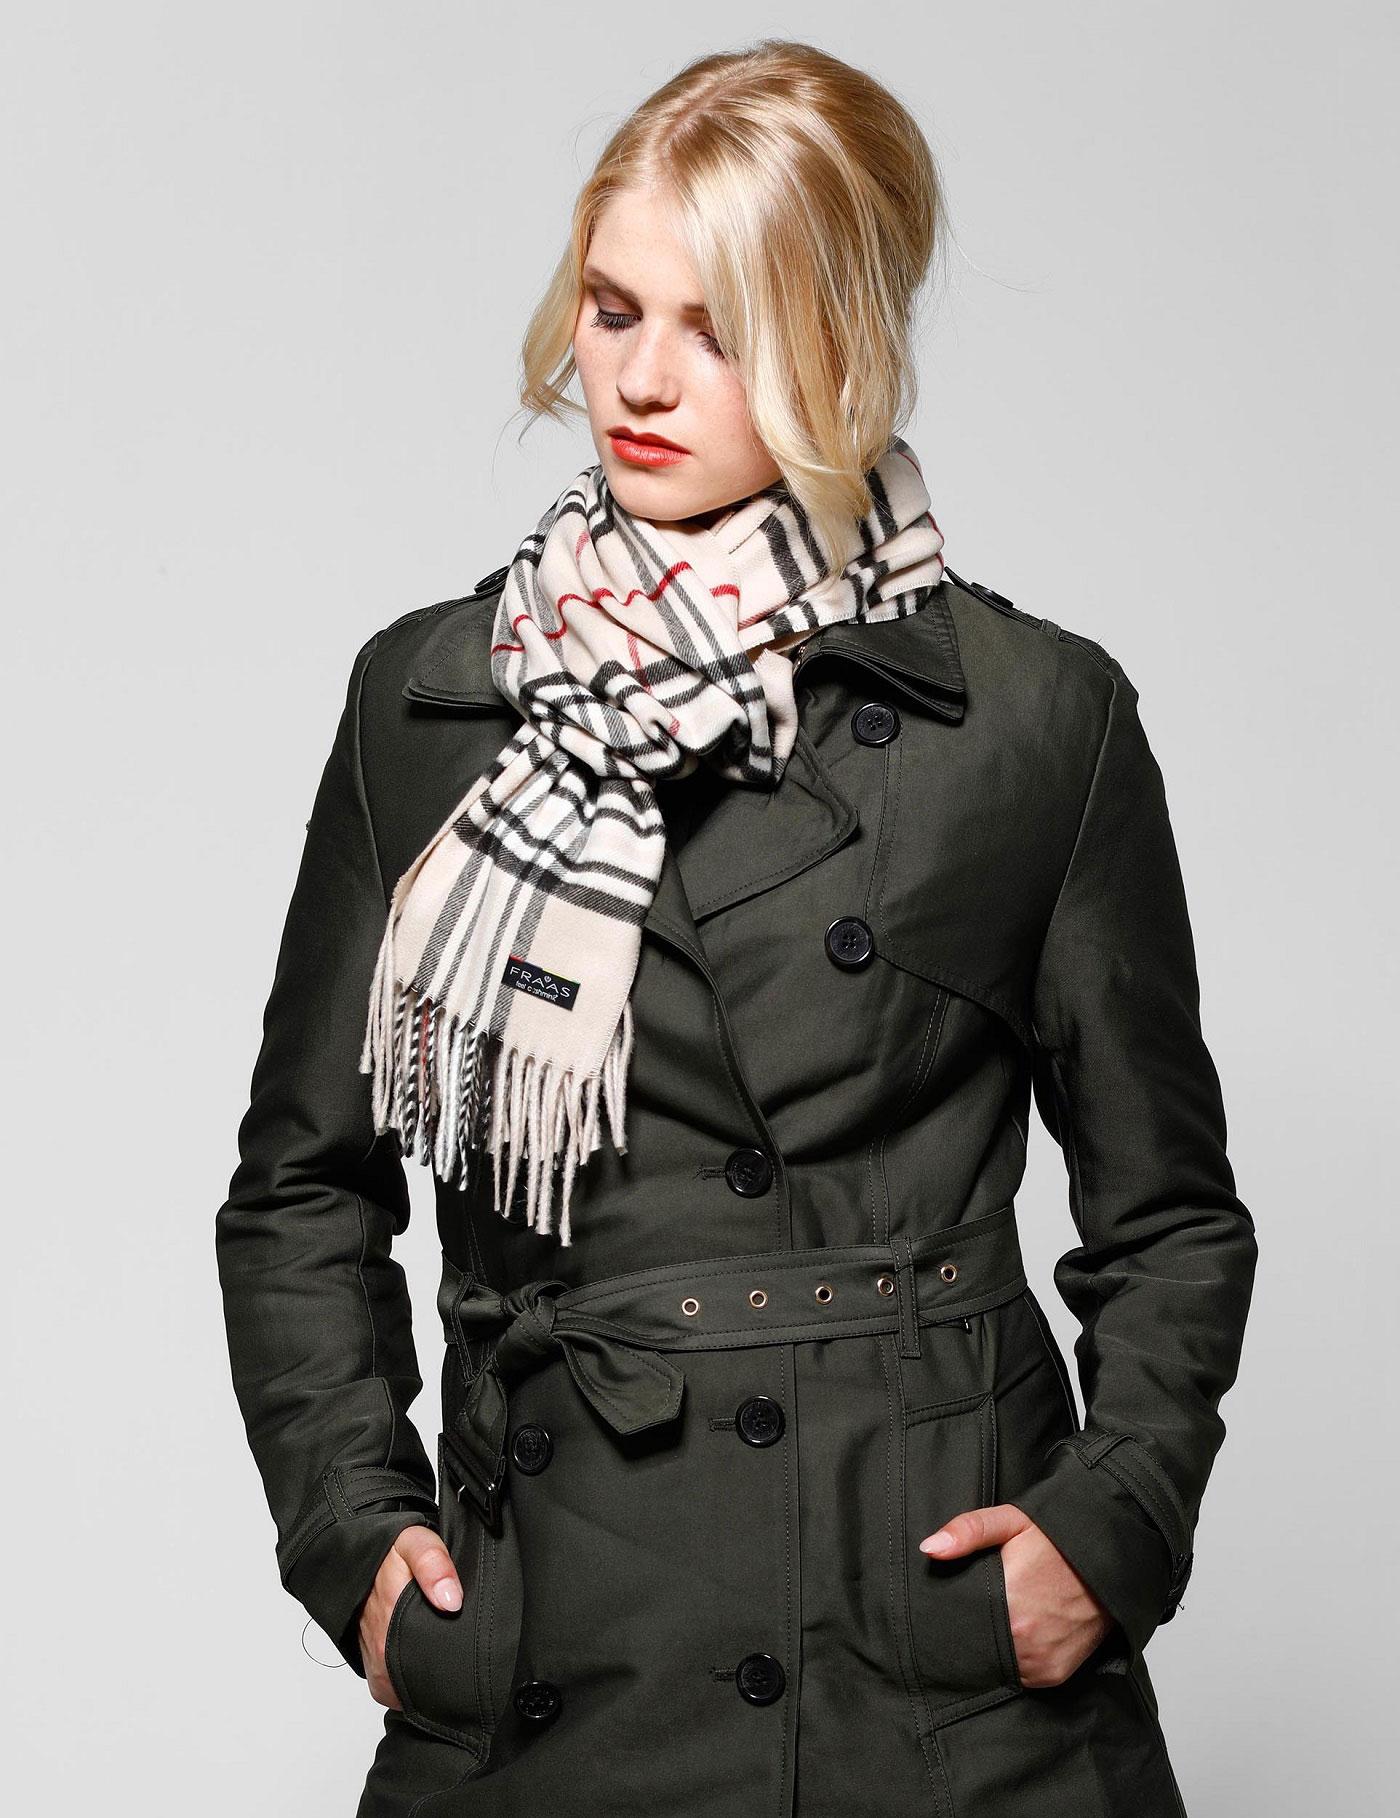 Mode und Umwelt: Damenschal aus recycelten Fasern.